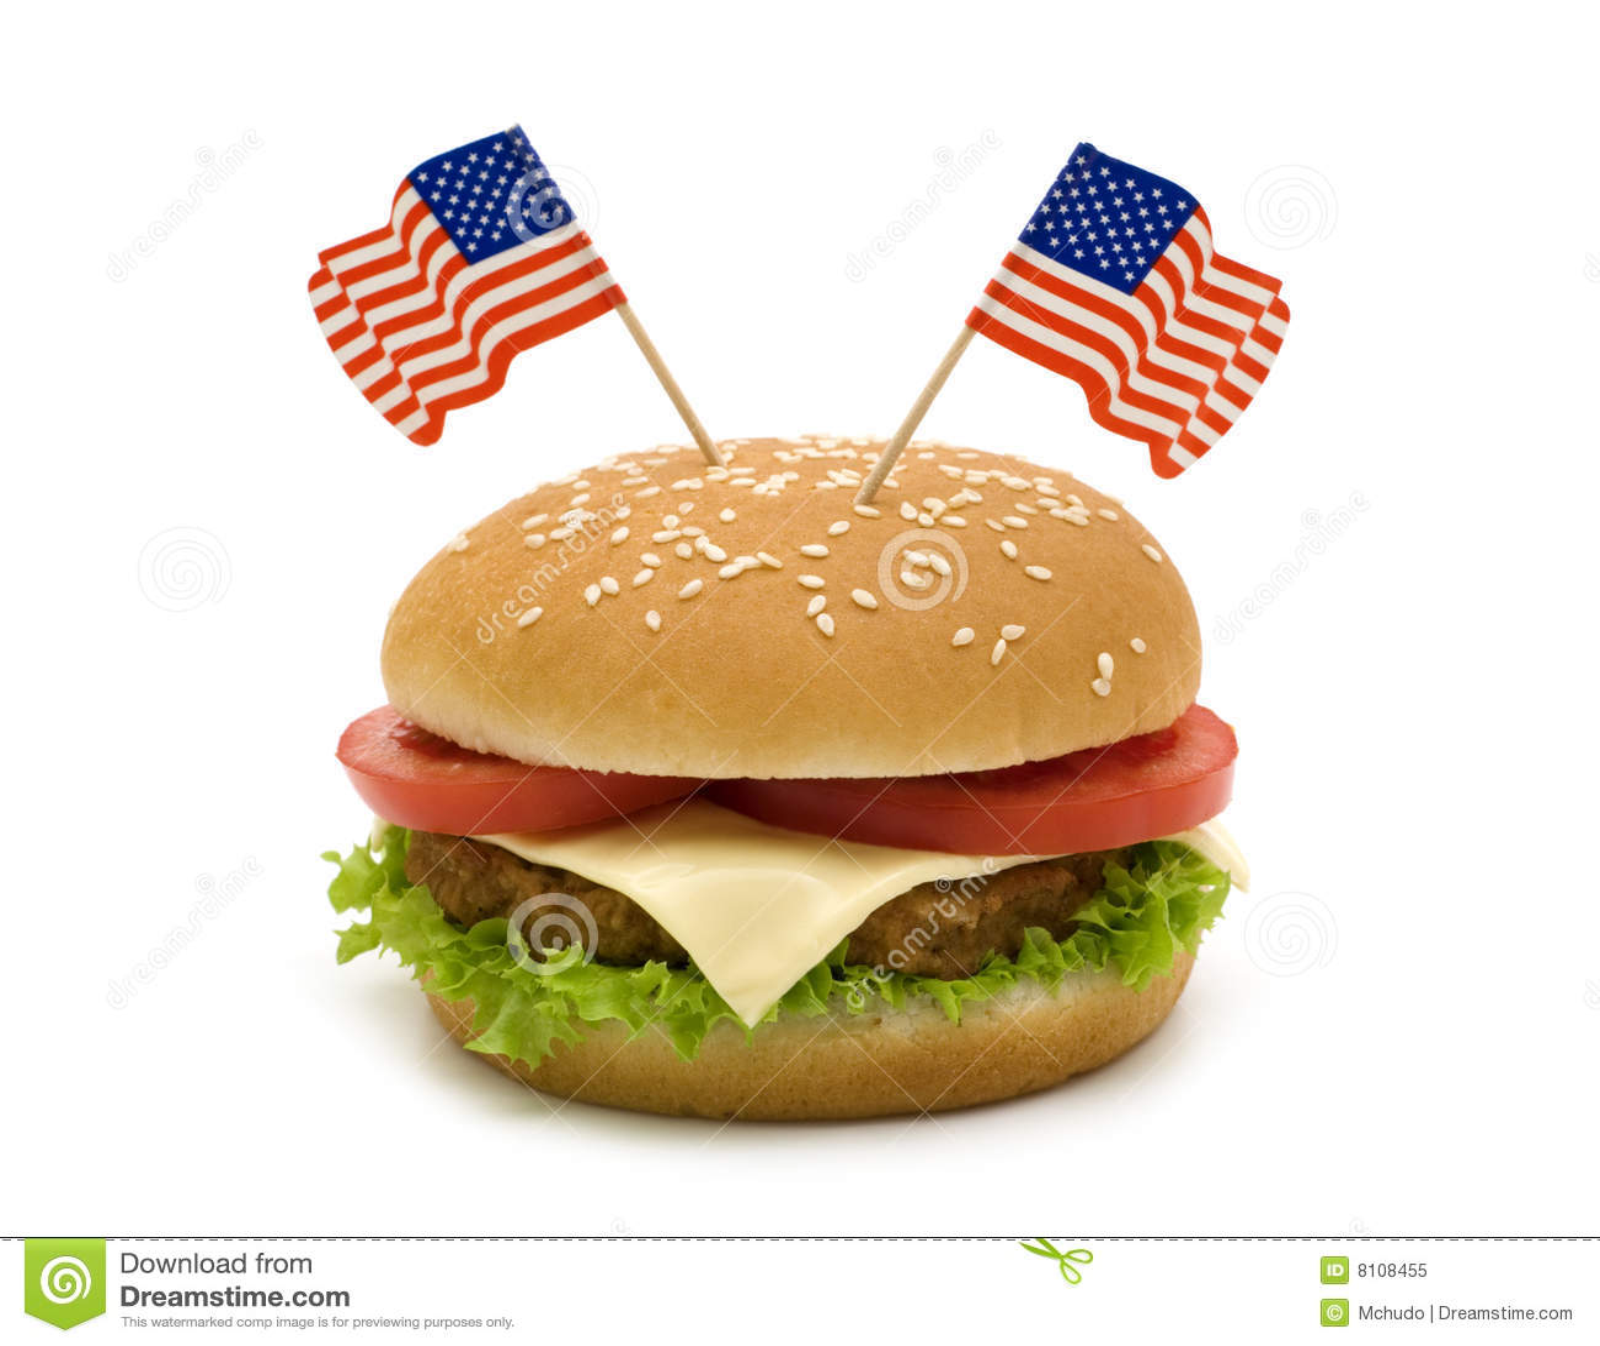 Flags гамбургер 2